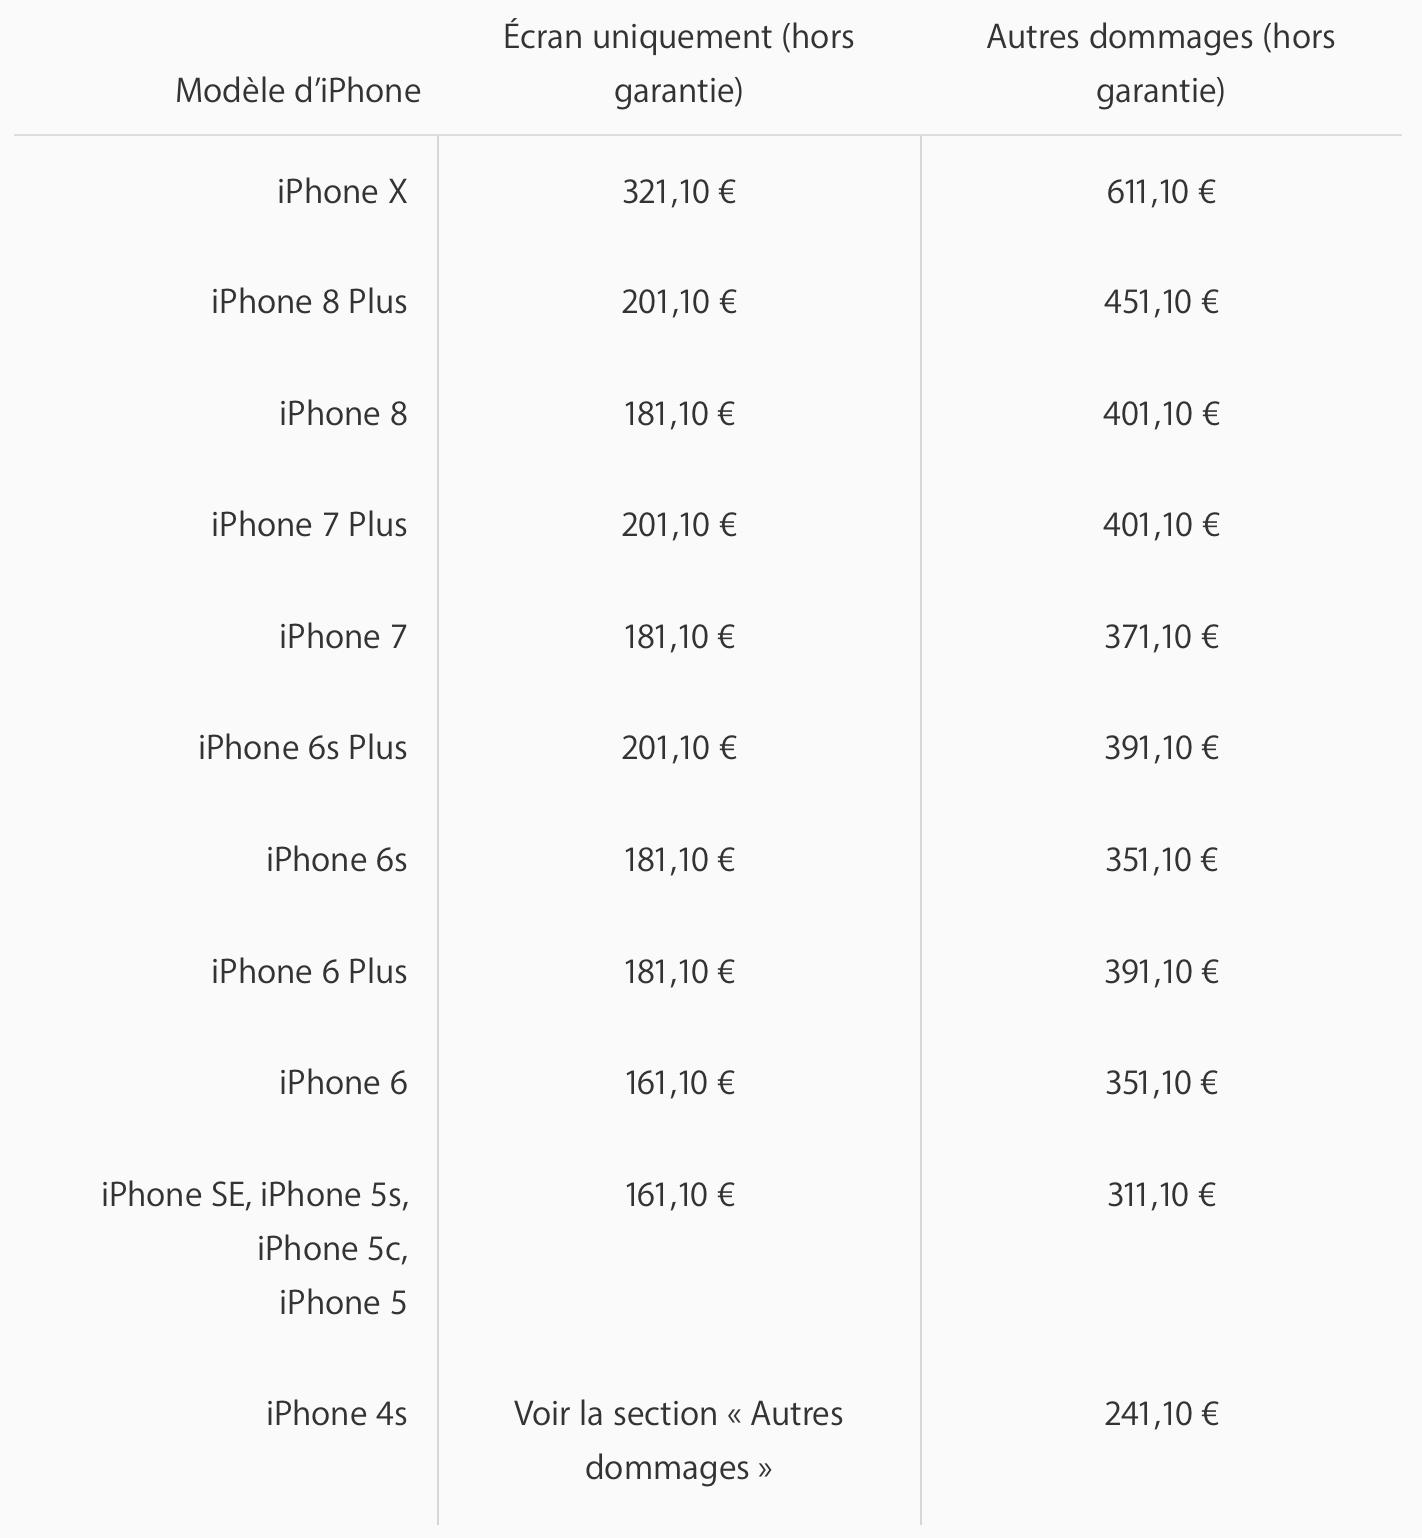 Iphone X Le Prix Des Reparations S Envole Jusqu A 611